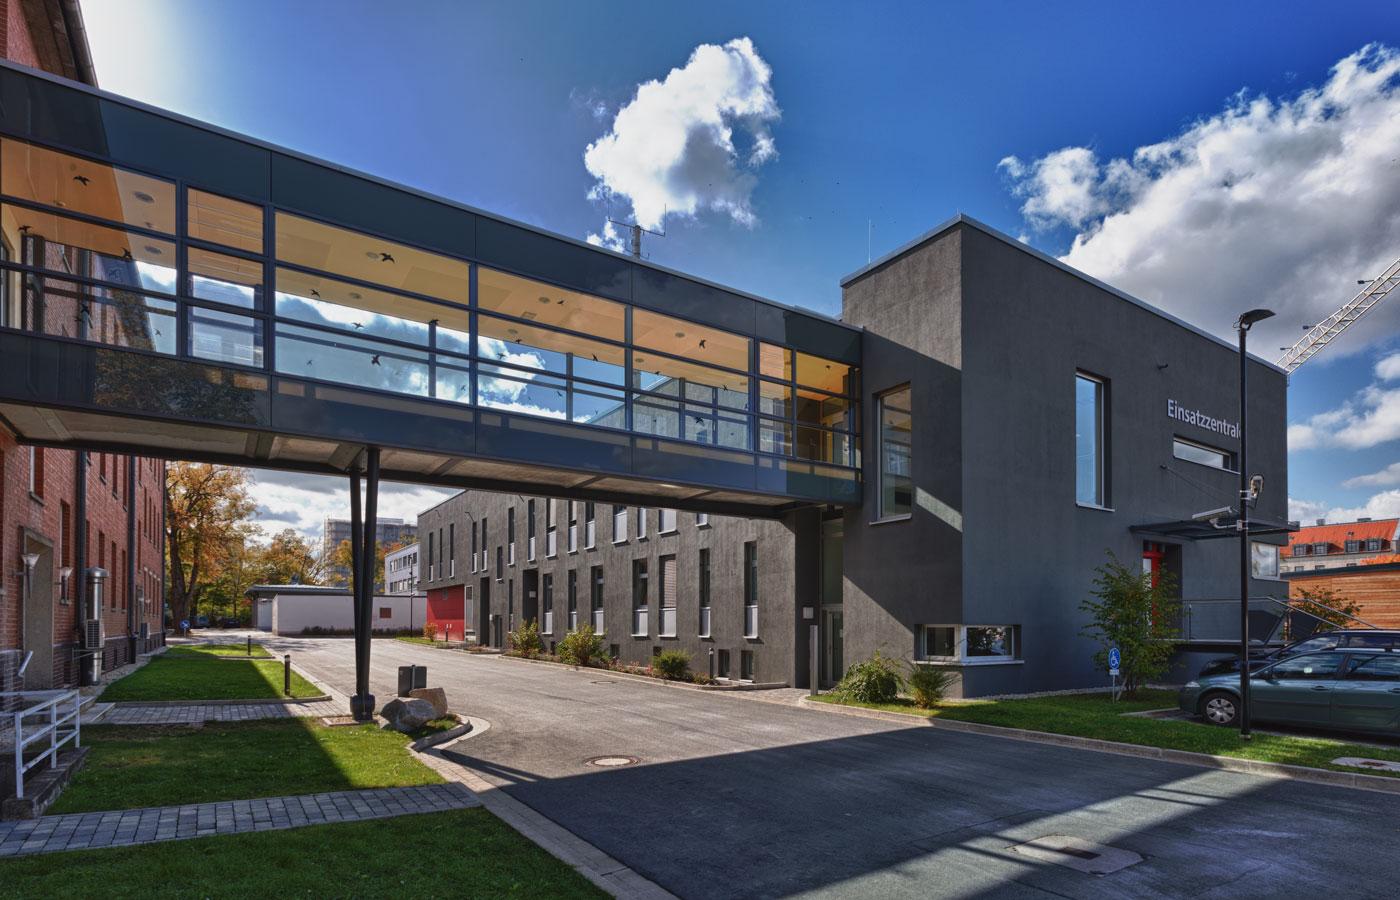 Bei hauck architektur erhalten architektur und wohnen eine neue dimension denn wir beraten unsere kunden umfassend kümmern uns um alle details und stehen